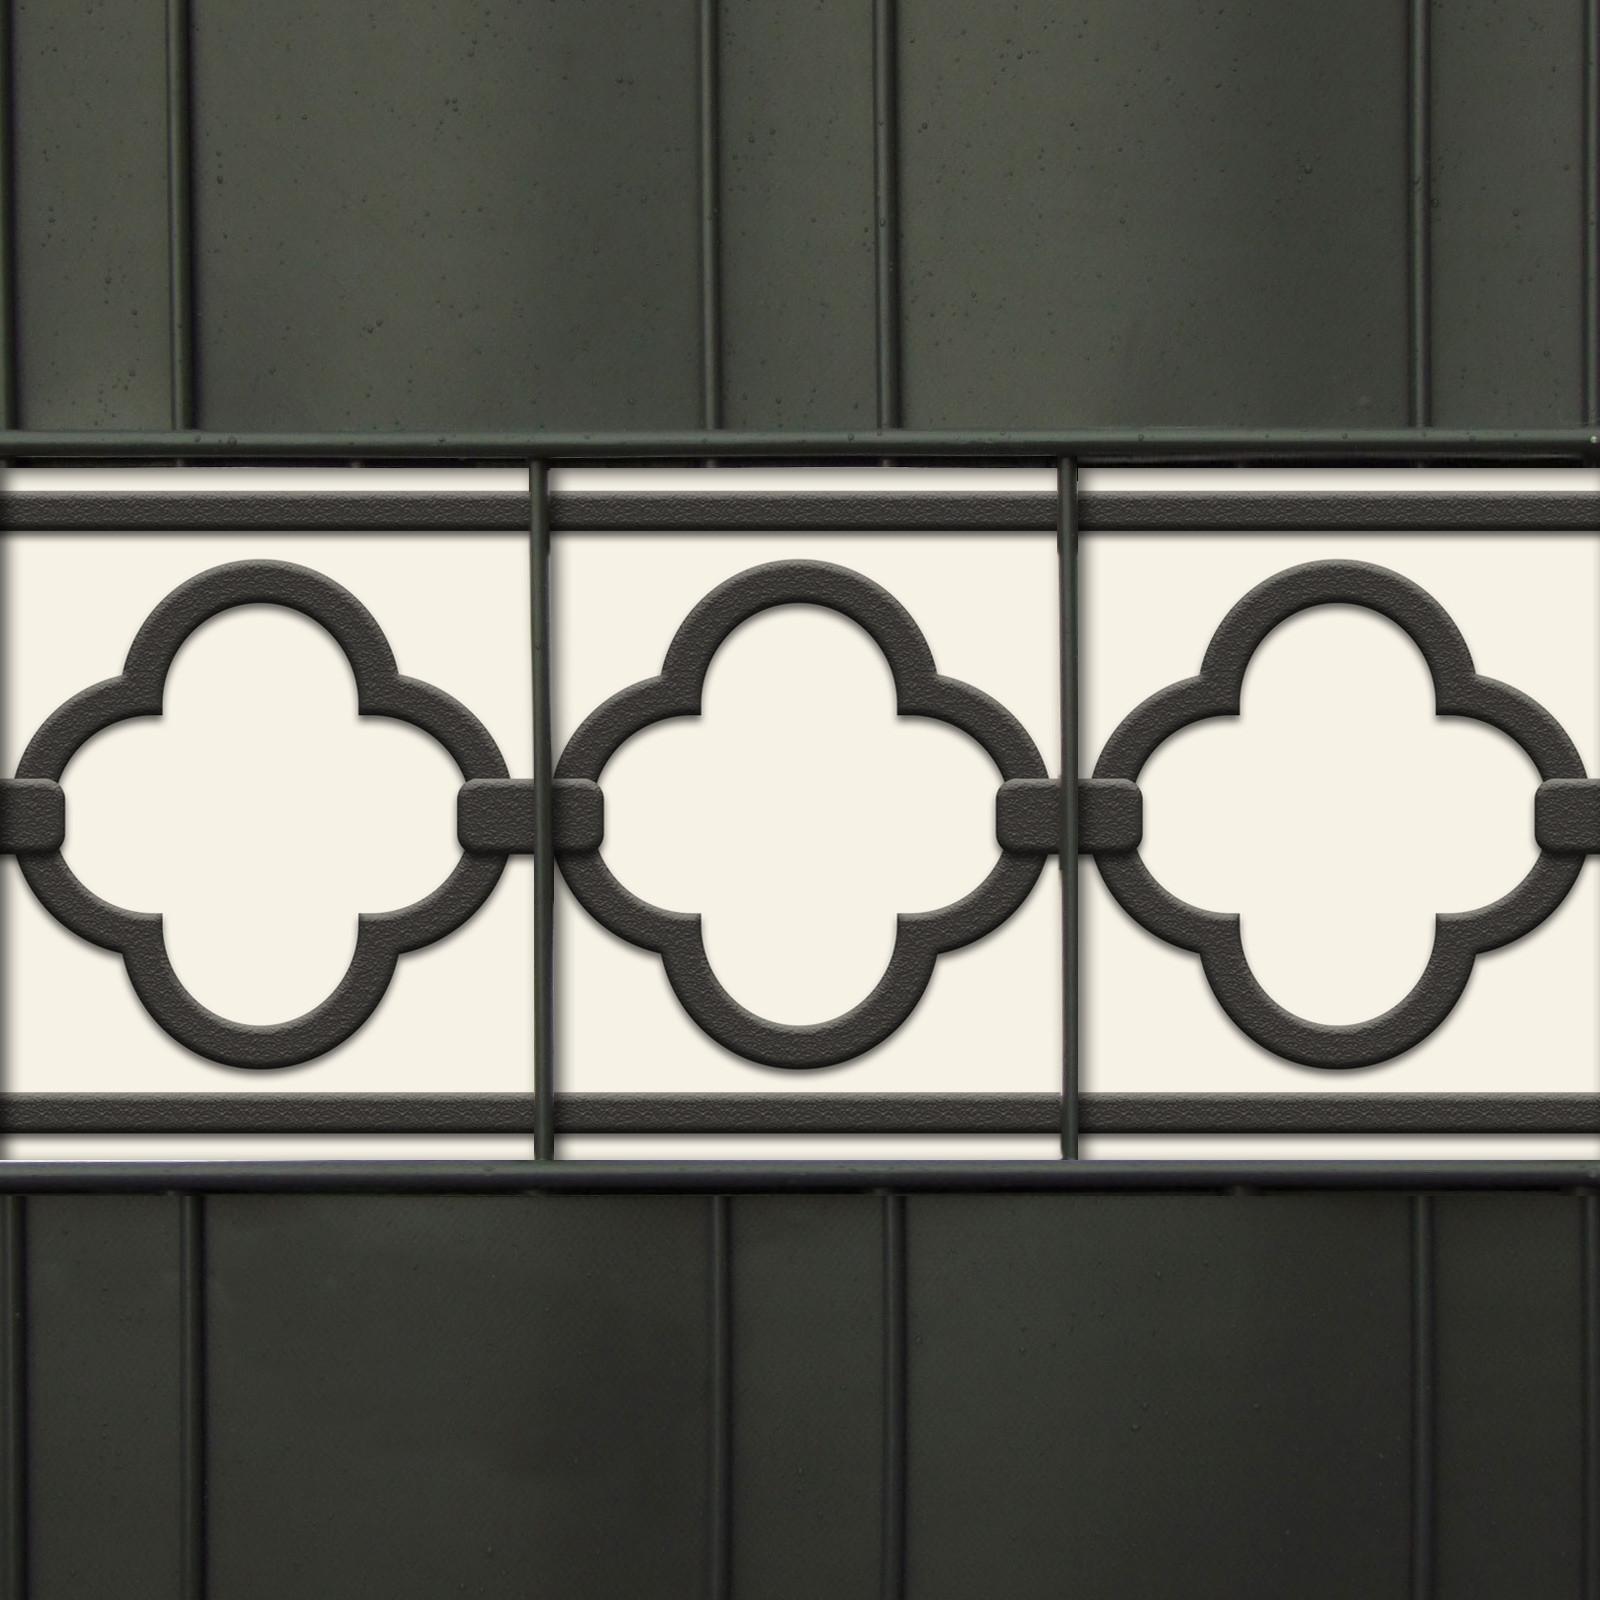 19cm hoher Sichtschutzstreifen mit Quatrefoil Zier-Muster